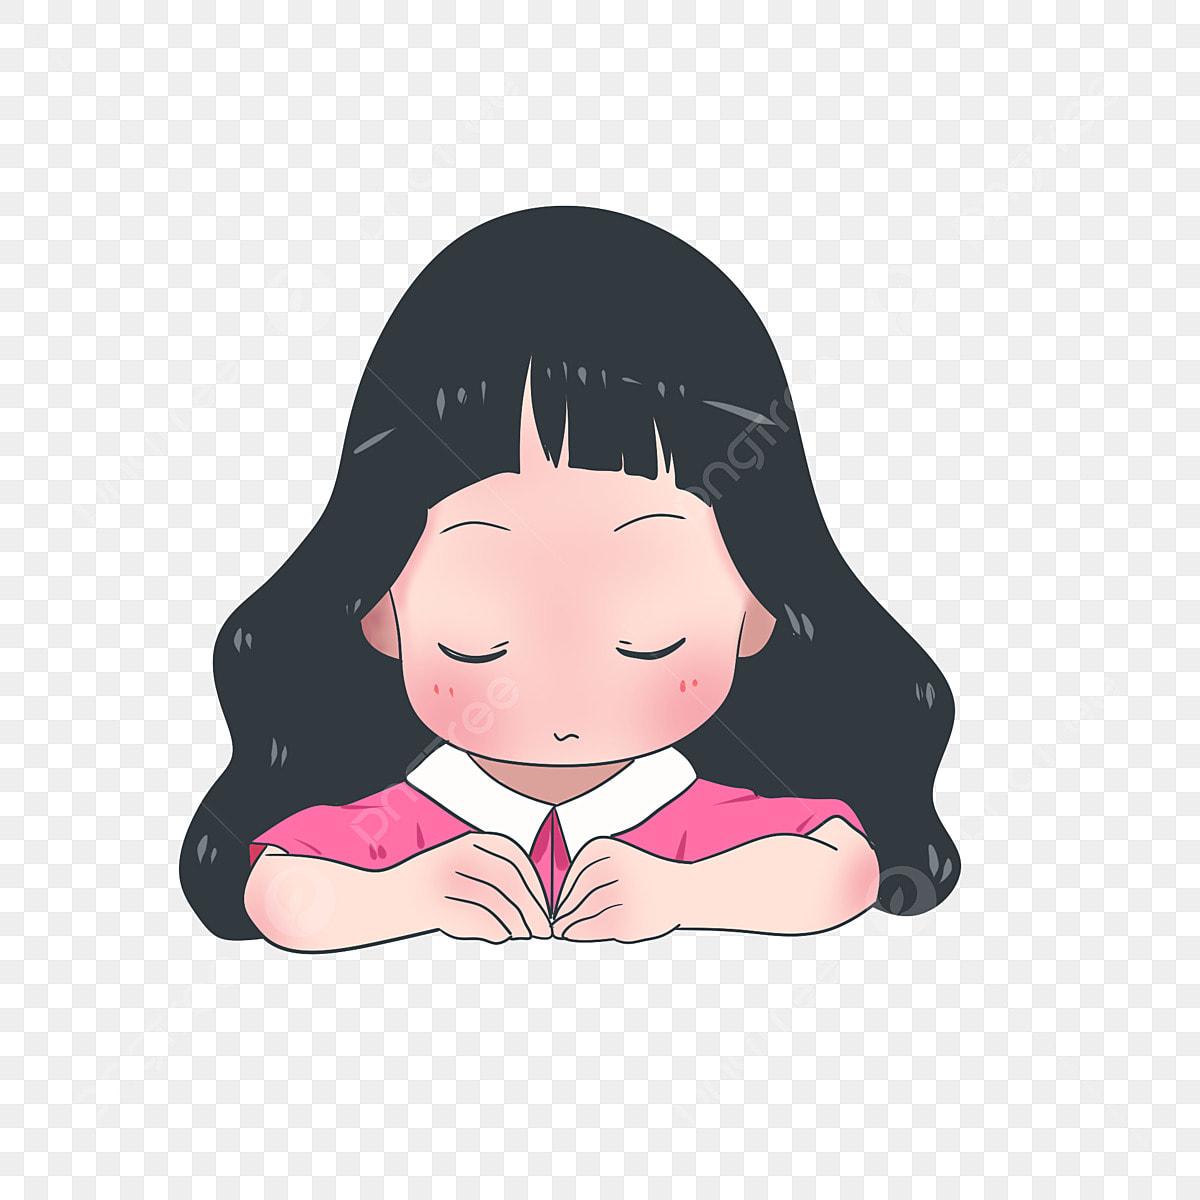 Download 91 Gambar Animasi Anak Kecil Tidur Terbaru Gambar